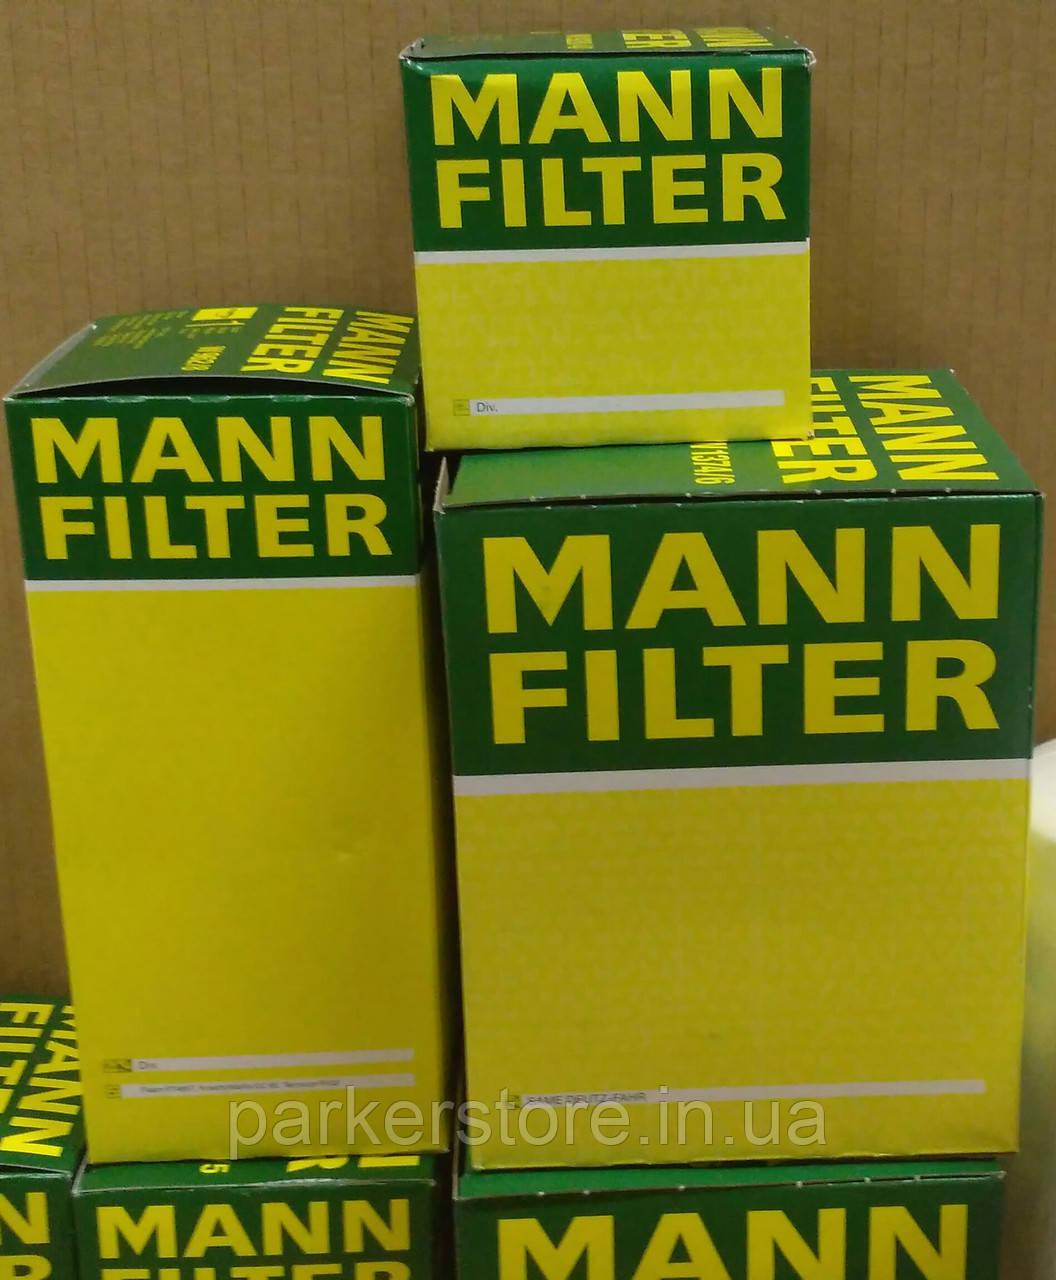 MANN FILTER / Повітряний фільтр / C 14 130/1 / C14130/1